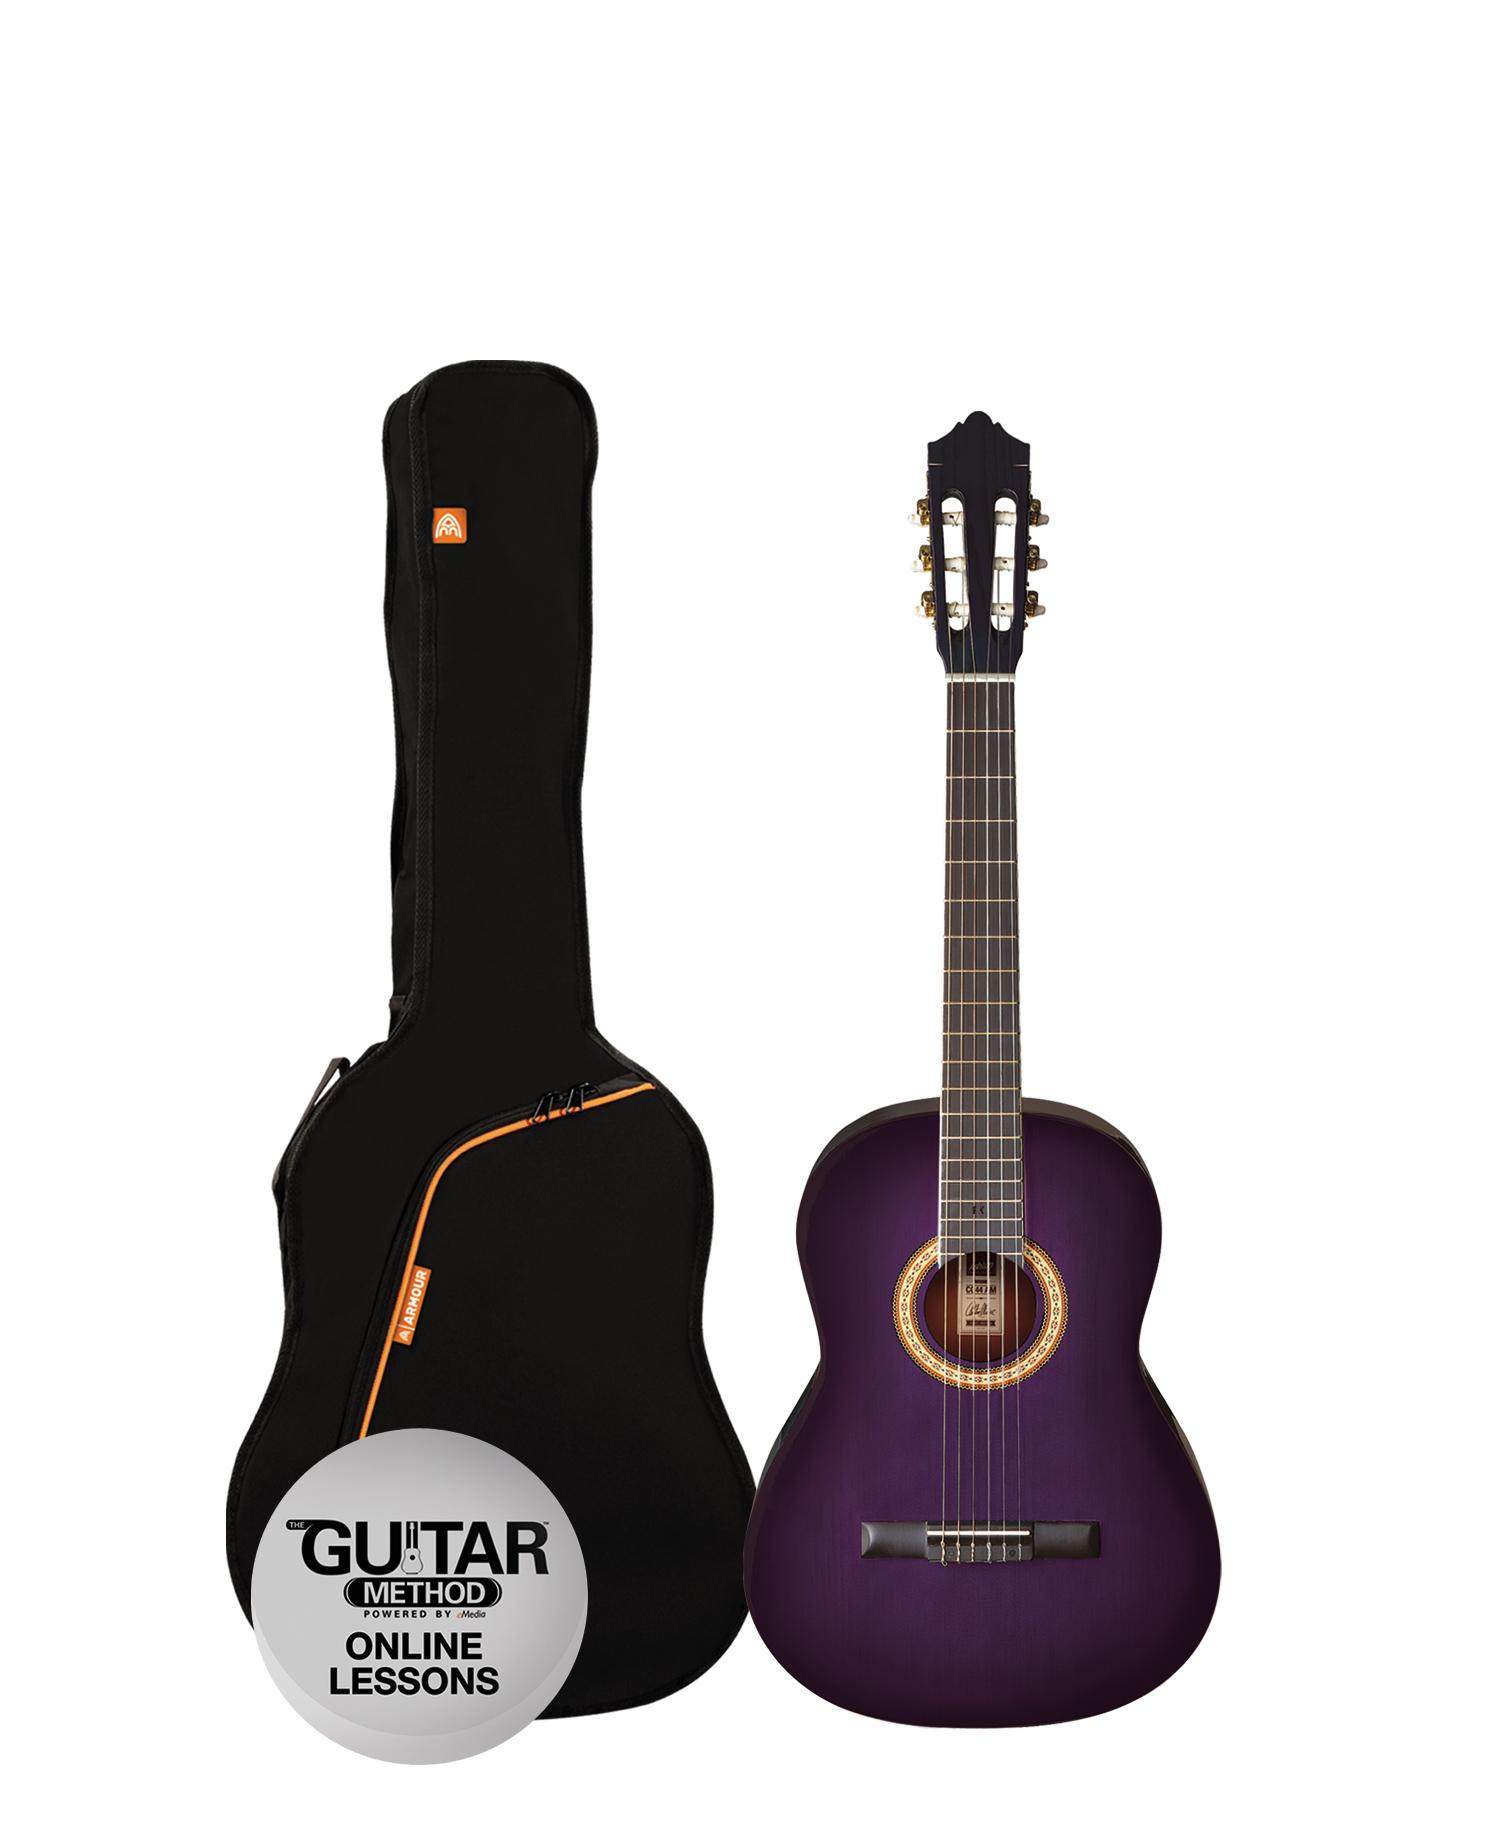 SPCG14TP - Pack Guitarra Clasica 1/4 Spcg14TP - Ashton